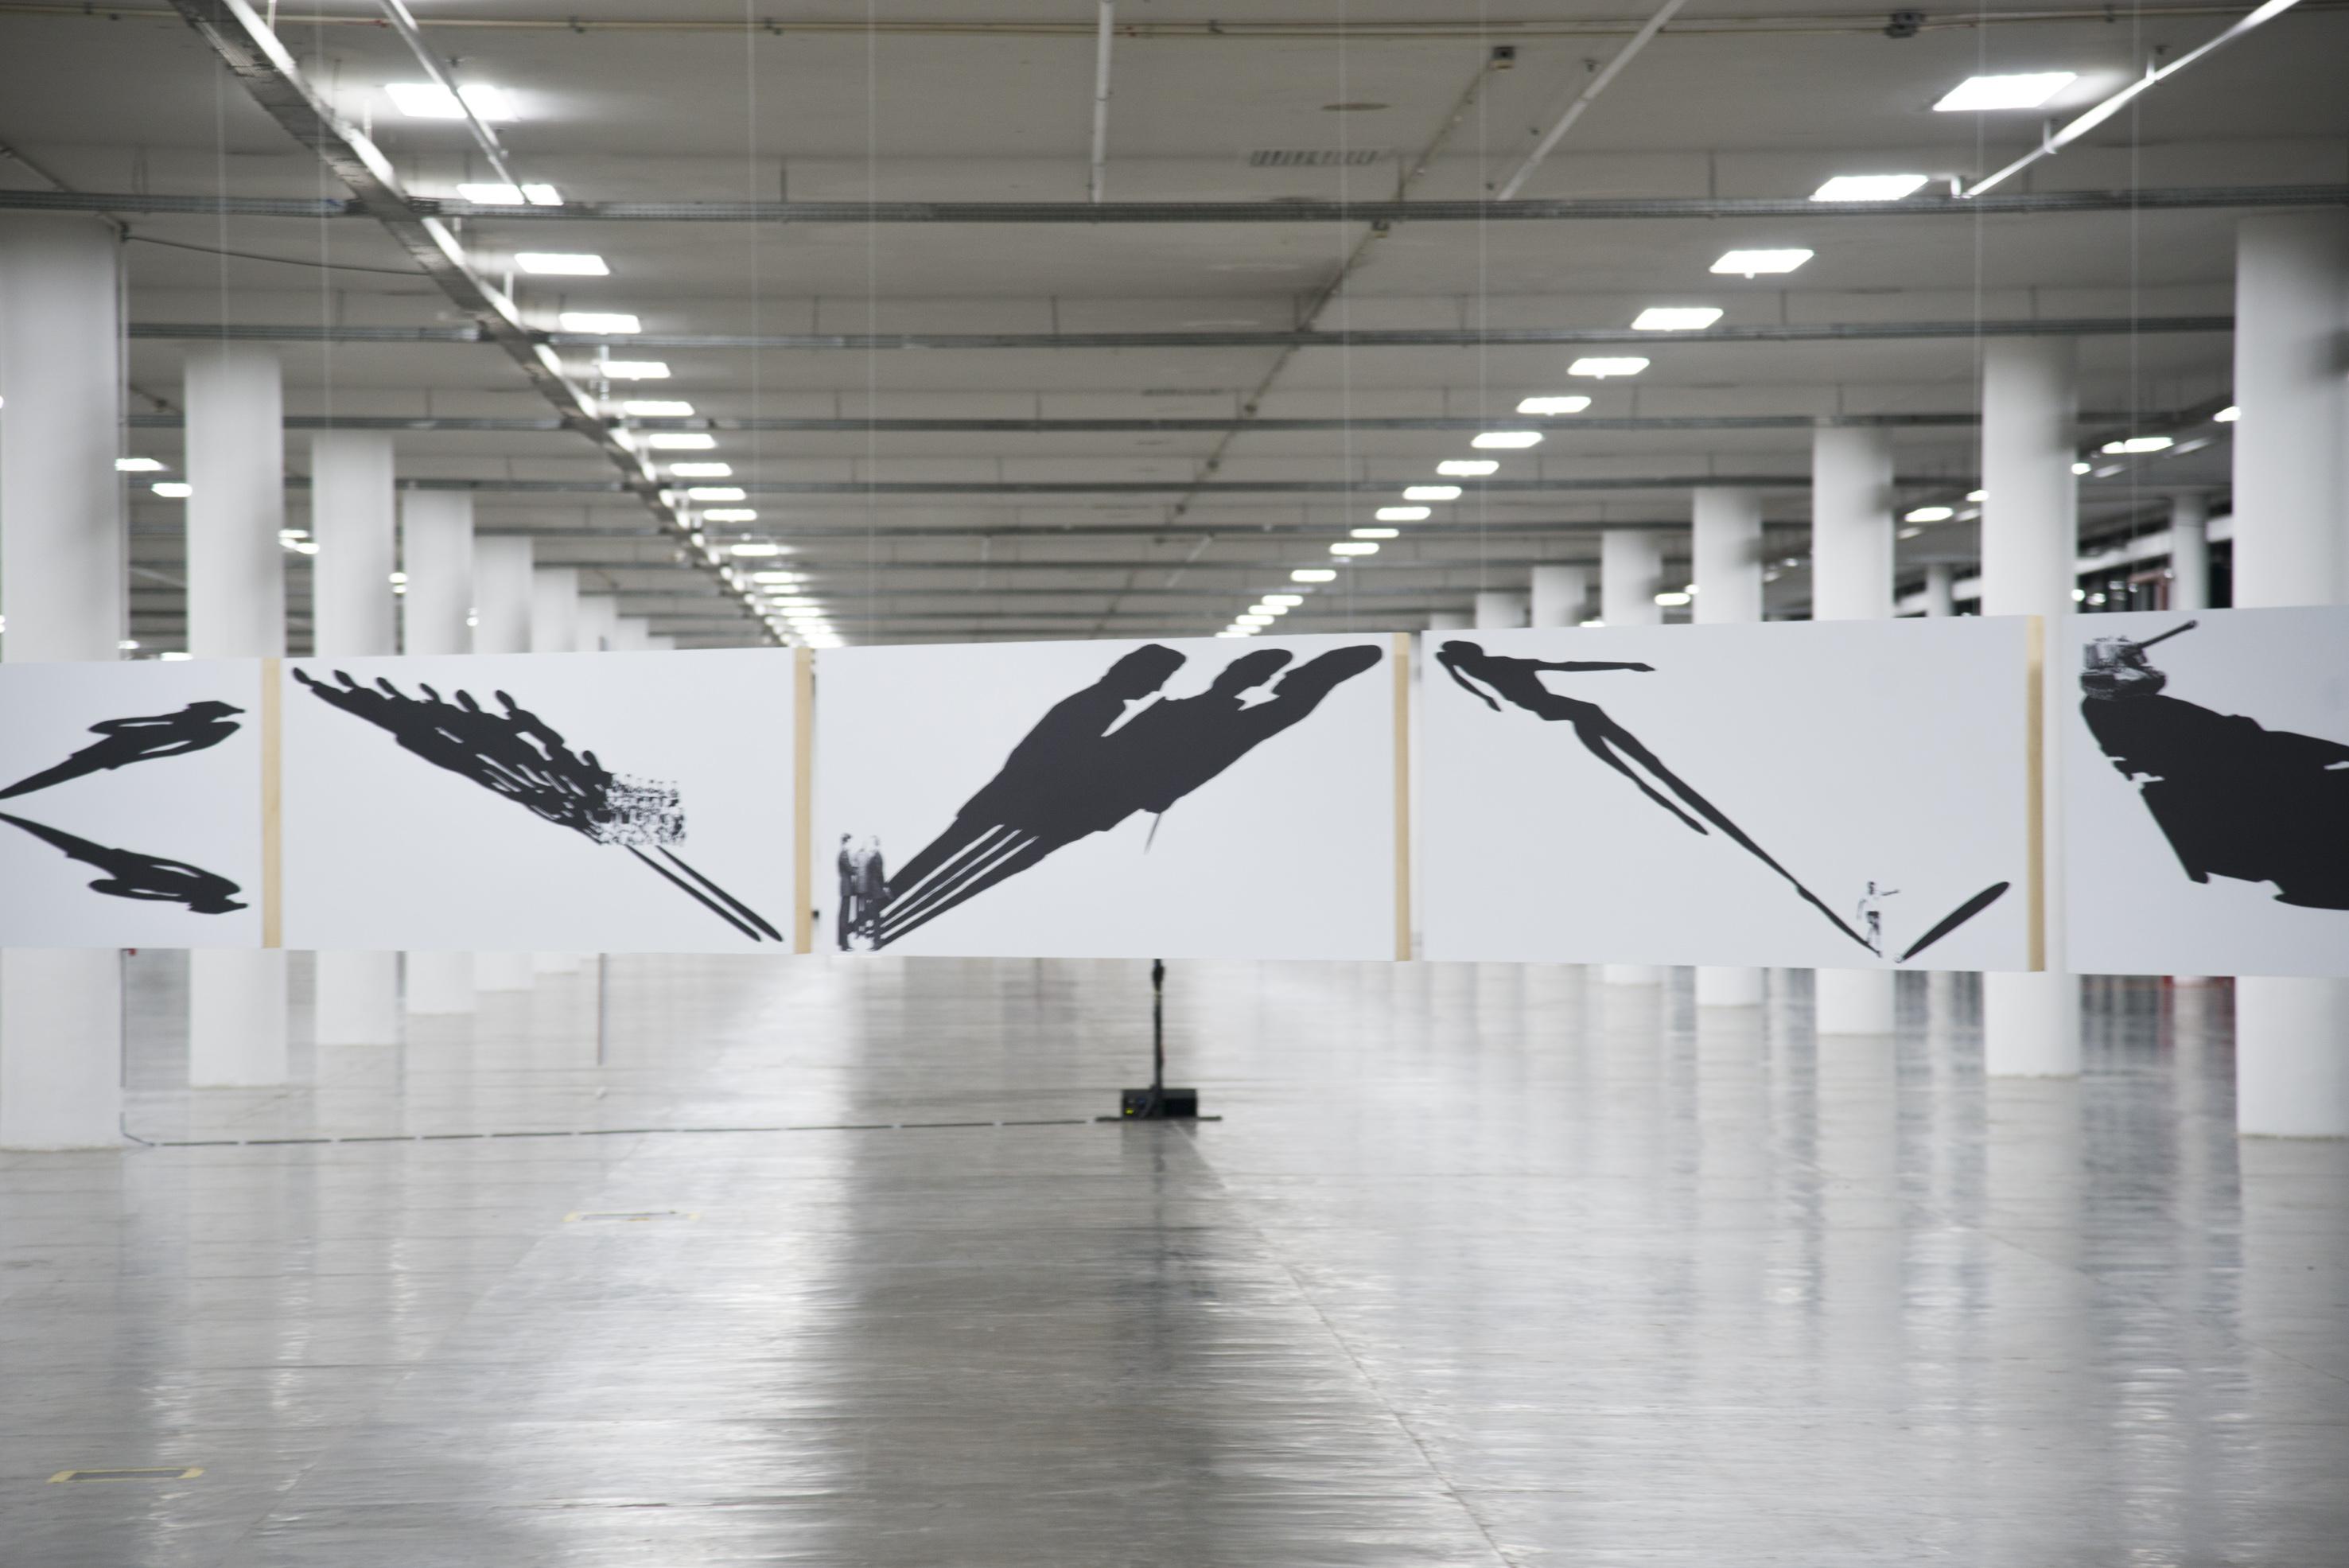 Vista da série <i>Dilatáveis</i>, de Regina Silveira na exposição <i>Vento</i>. Foto: Levi Fanan / Fundação Bienal de São Paulo